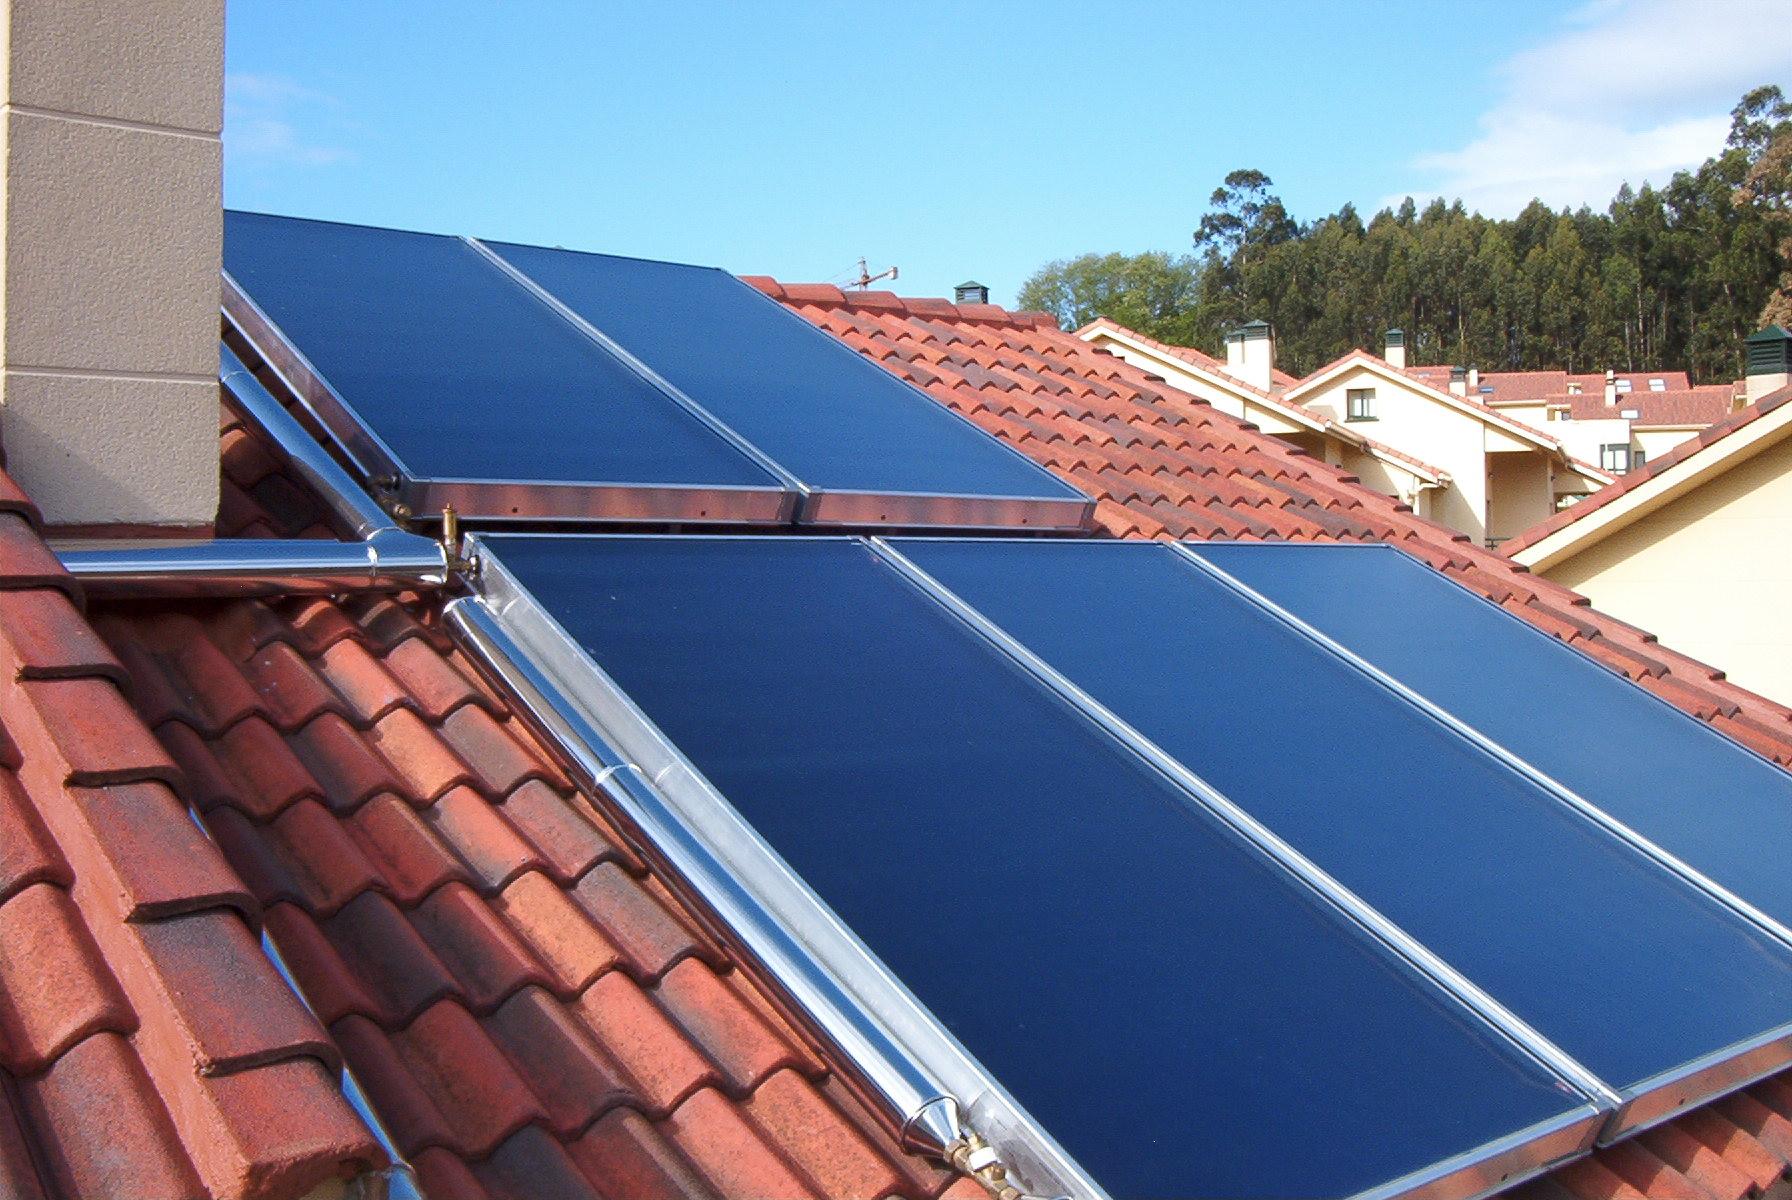 Energía-solar-térmica - efiteks, Venta e Instalación de Placas solares